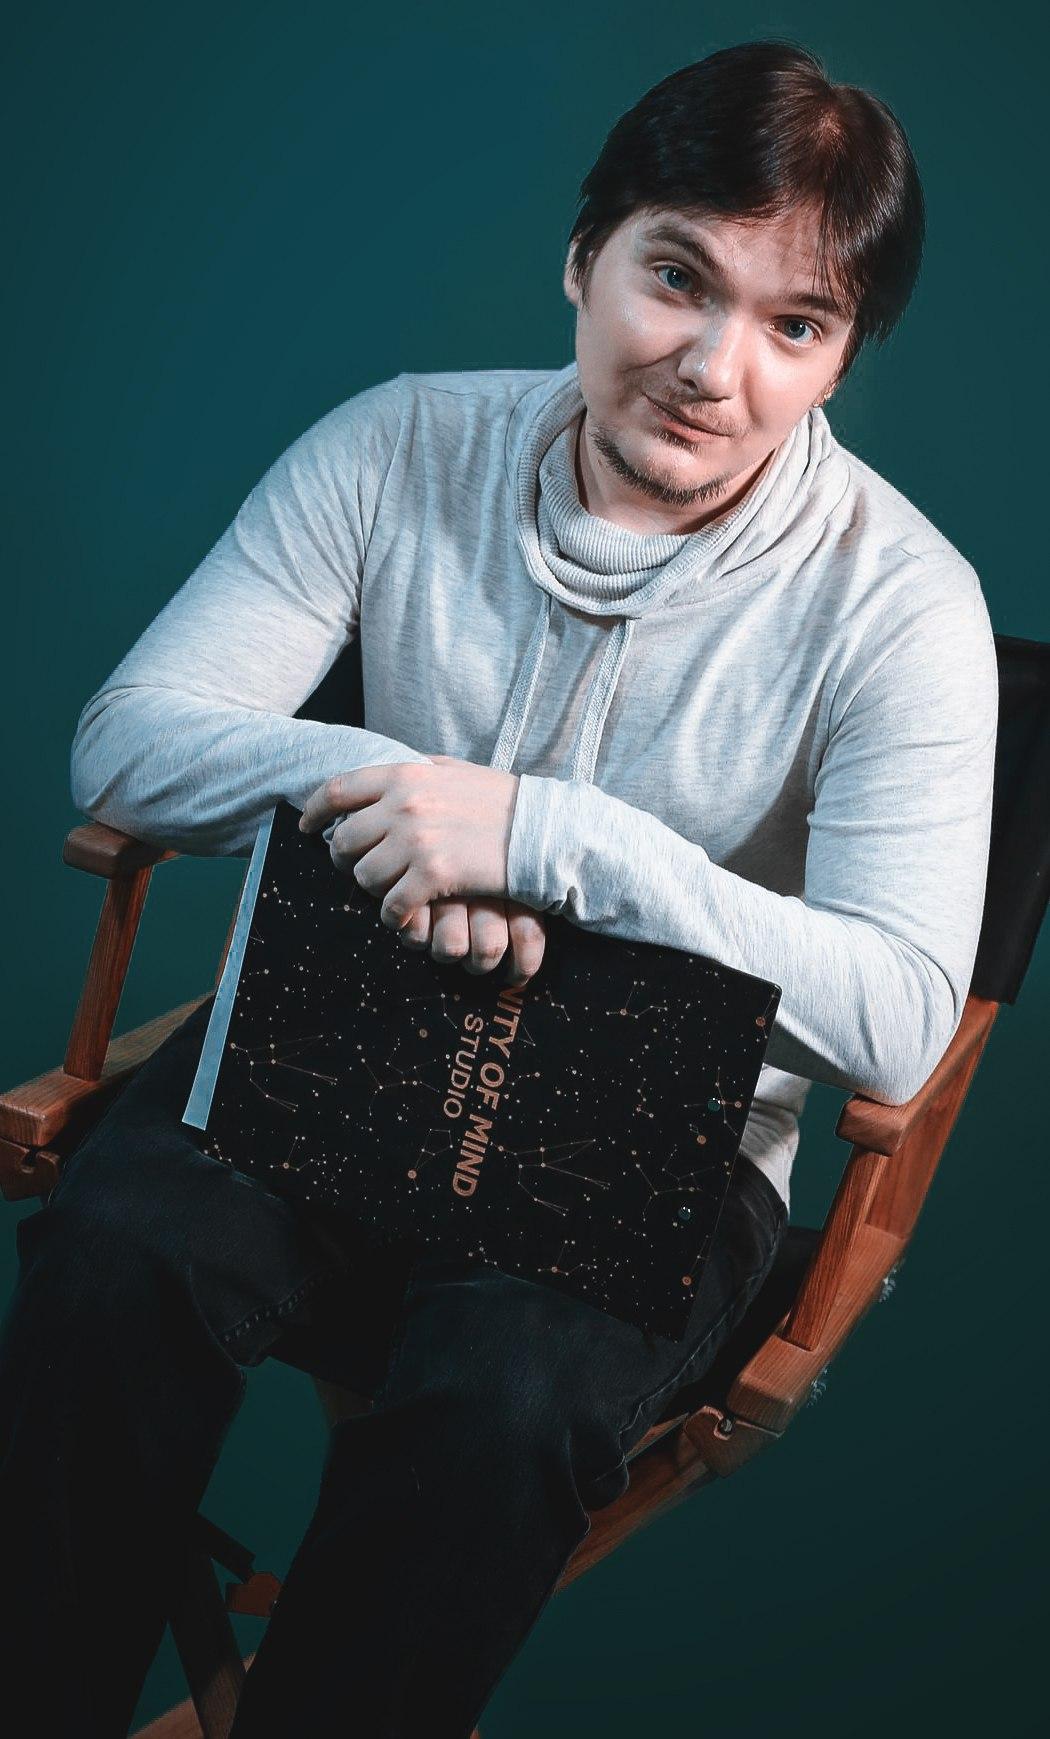 Секс порно приколи в україні толстуху если сможешь